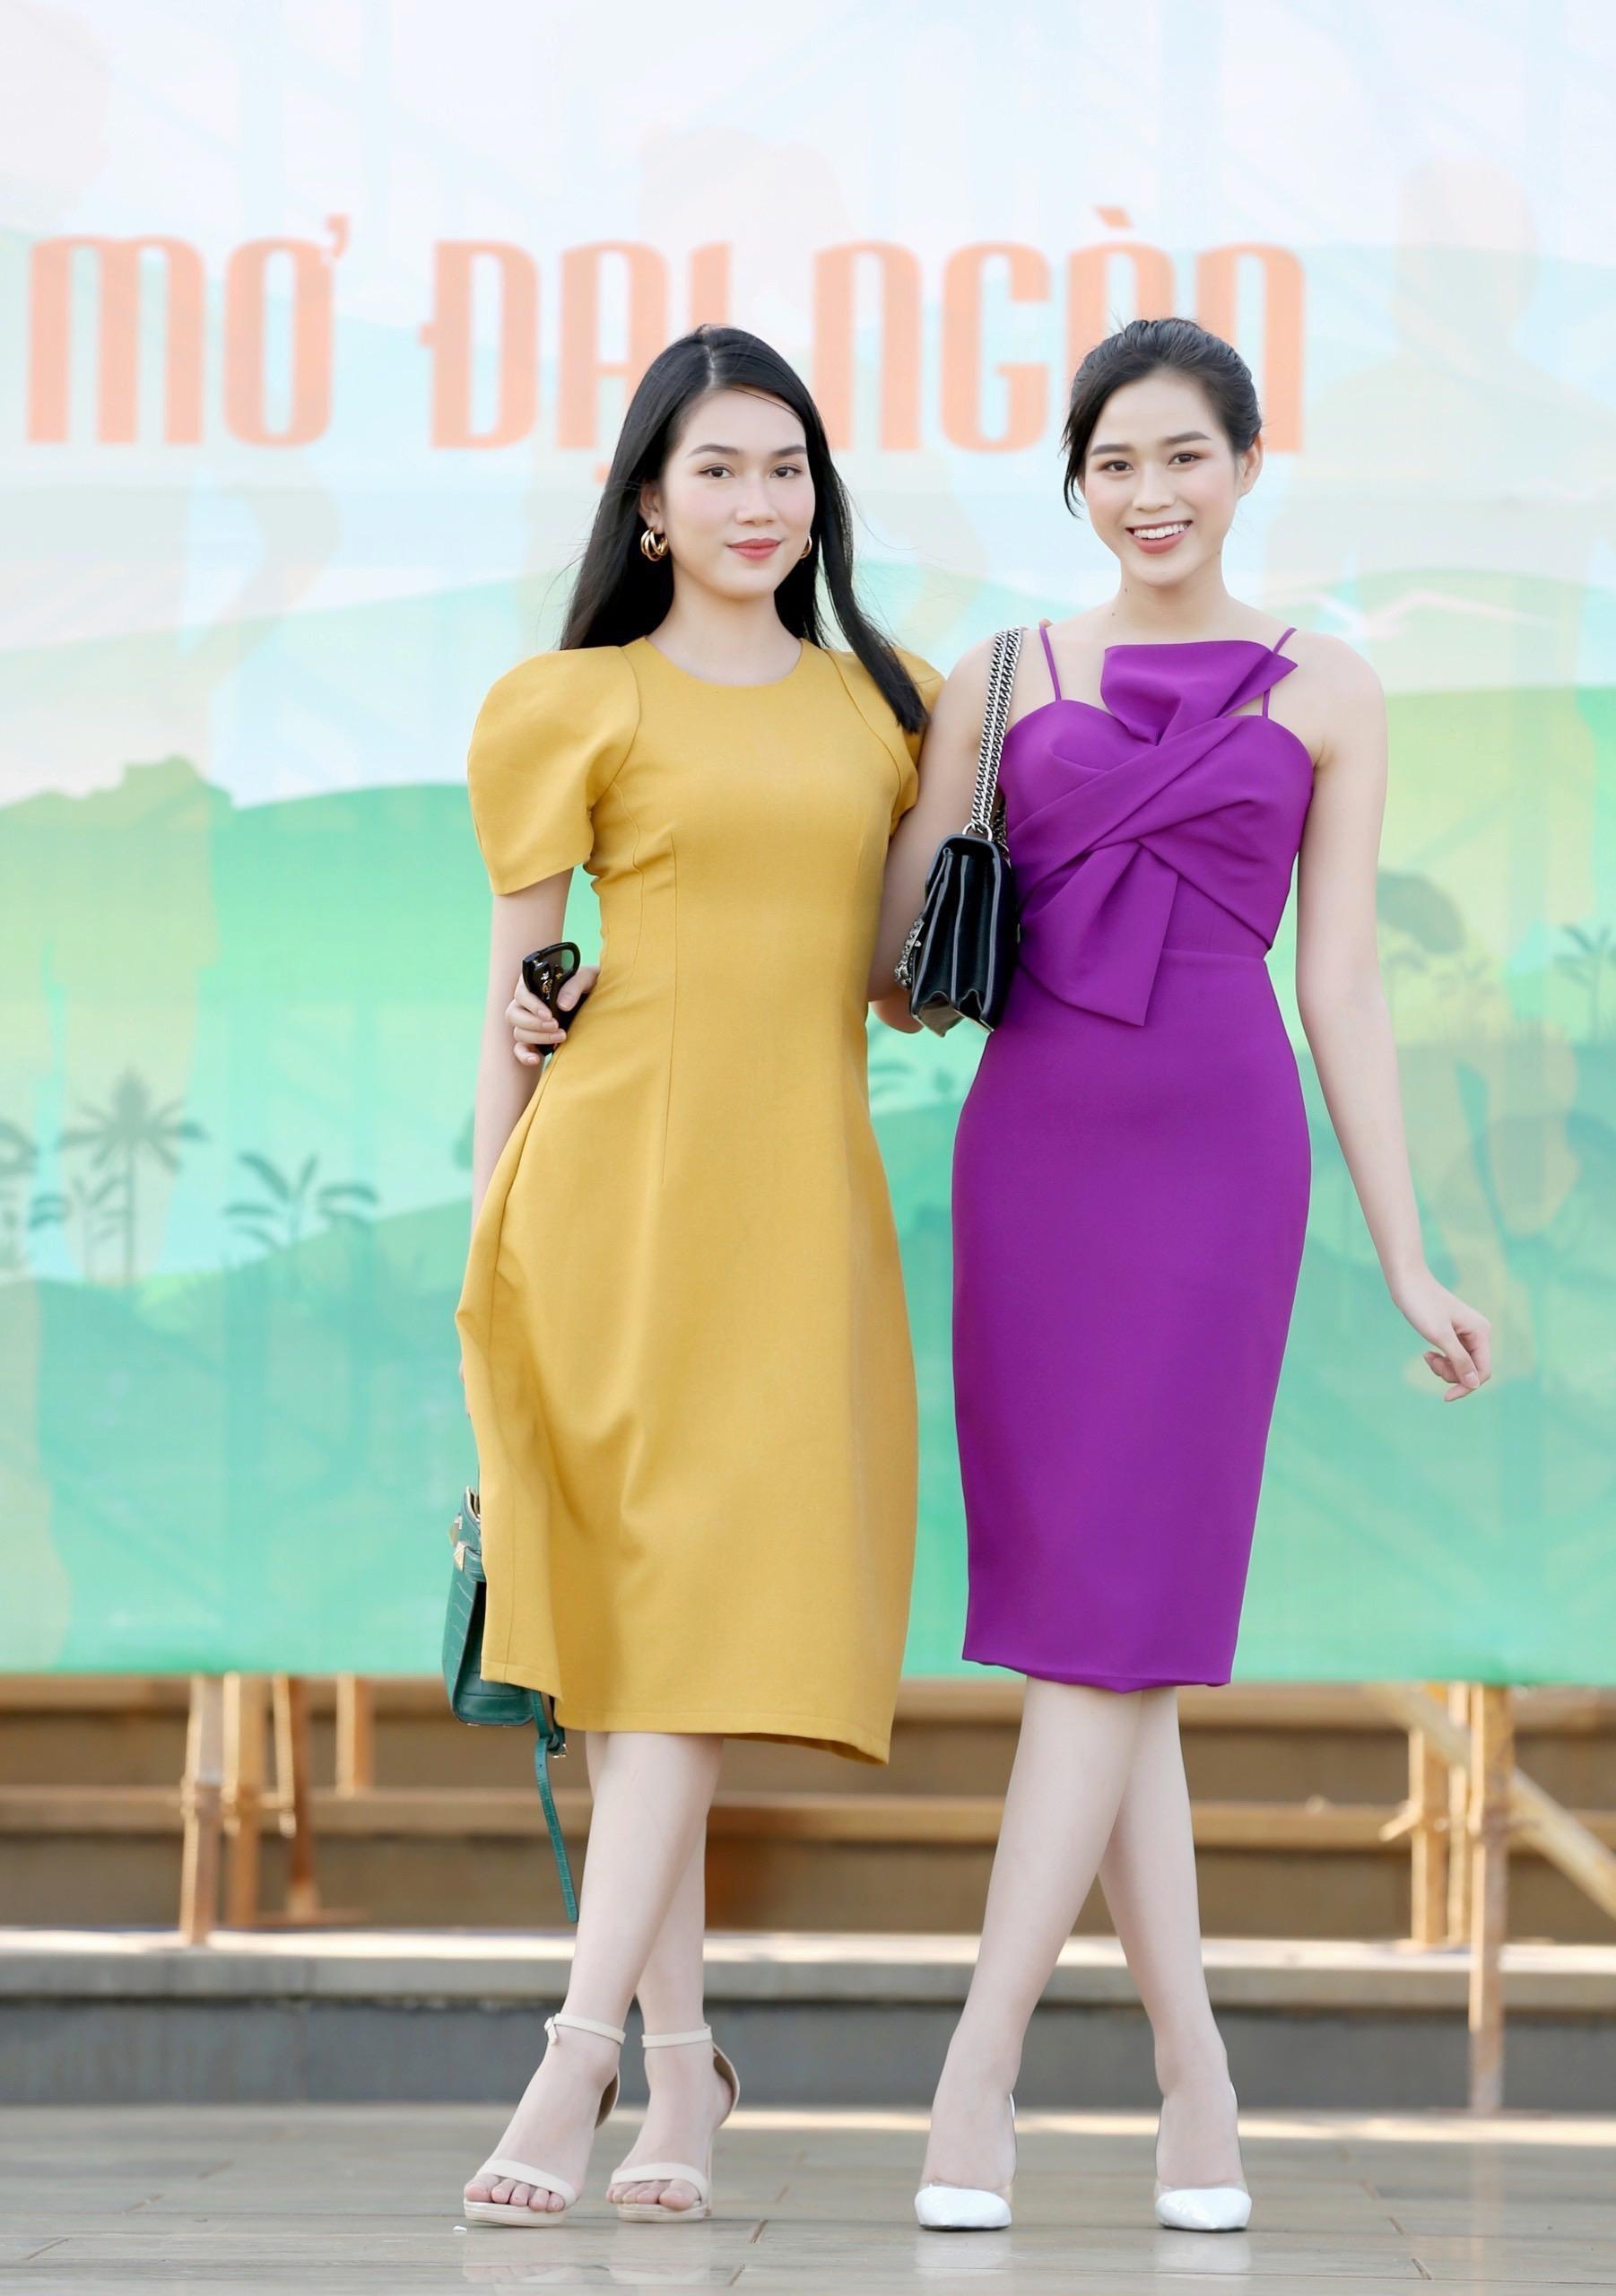 Hoa hậu Đỗ Thị Hà diện váy hai dây tím khoe vai trần gợi cảm ảnh 6